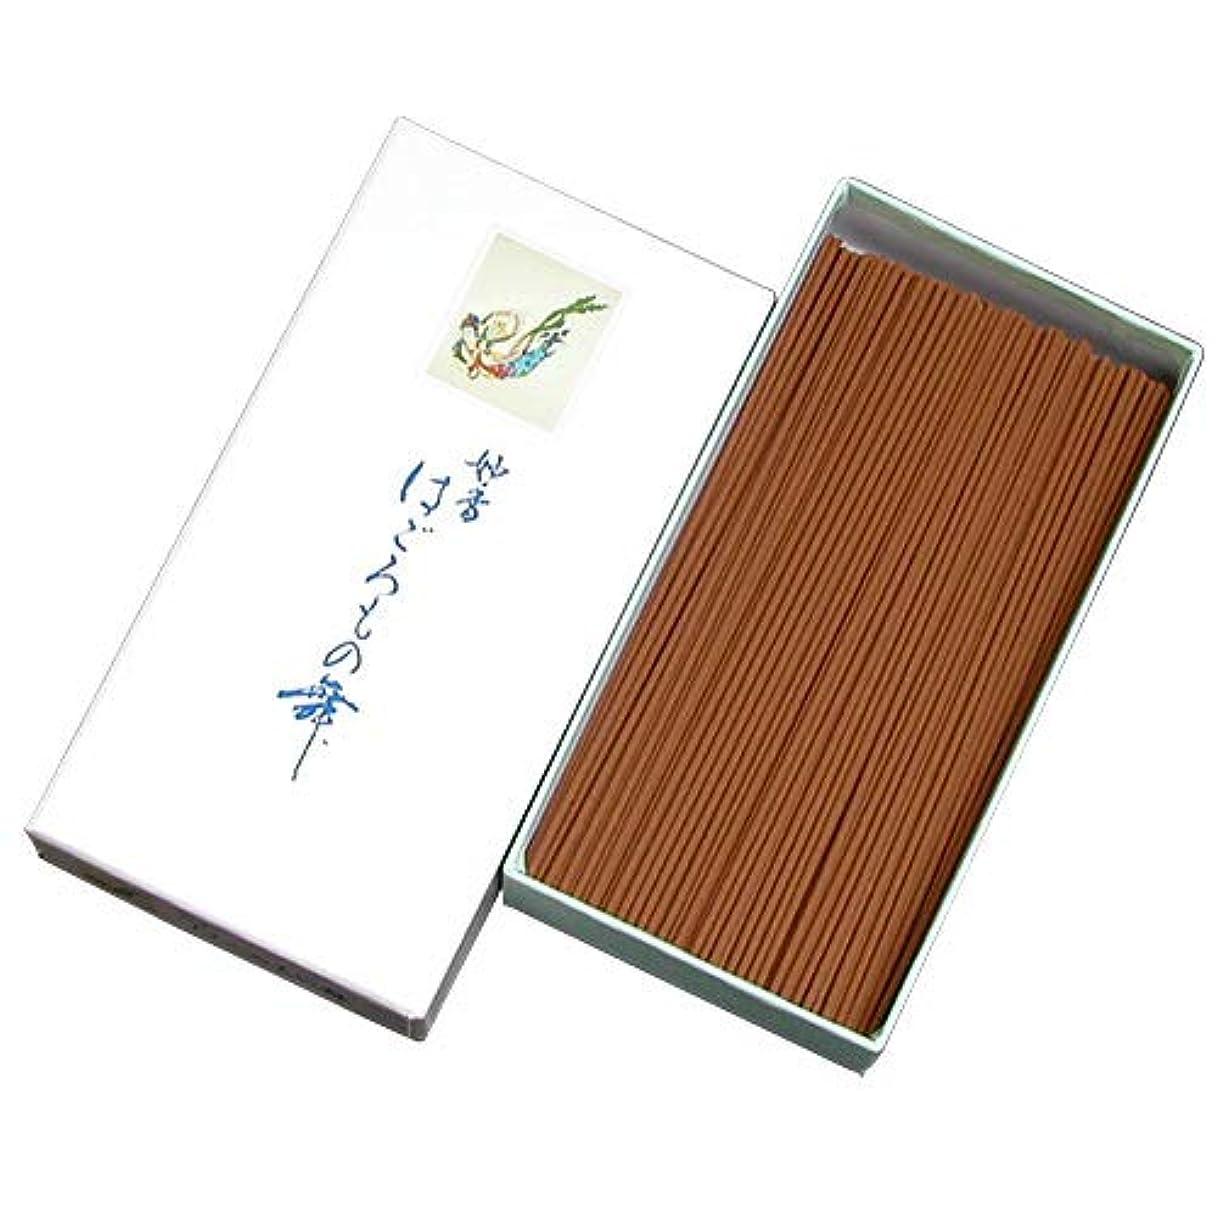 巻き戻すフィードオン理容師家庭用線香 はごろもの舞(箱寸法16×8.5×3.5cm)◆一番人気の優しい香りのお線香(大発)